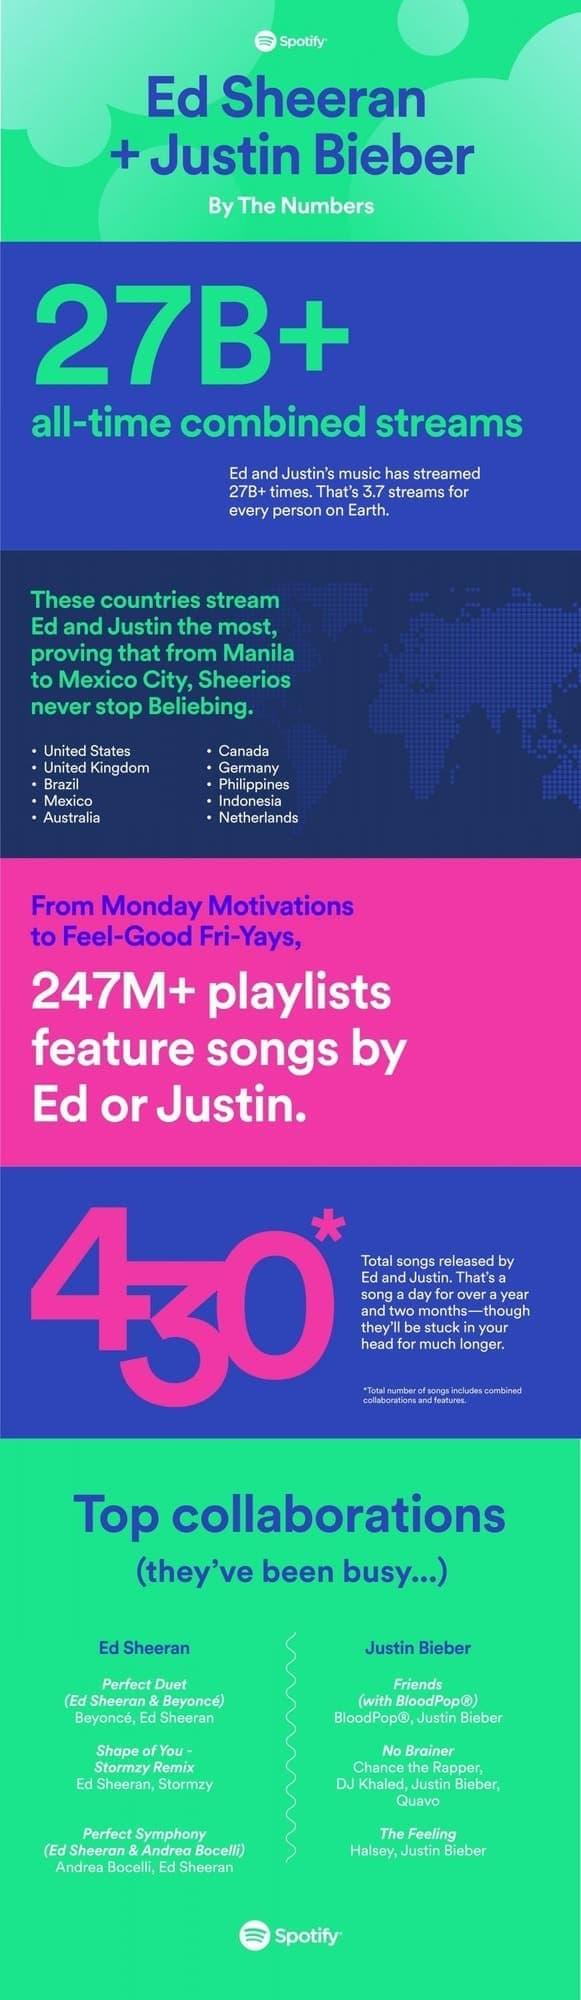 - Spotify เผยสถิติที่น่าสนใจของสองหนุ่ม Ed Sheeran และ Justin Bieber เพื่อฉลองซิงเกิ้ลใหม่ I Don't Care